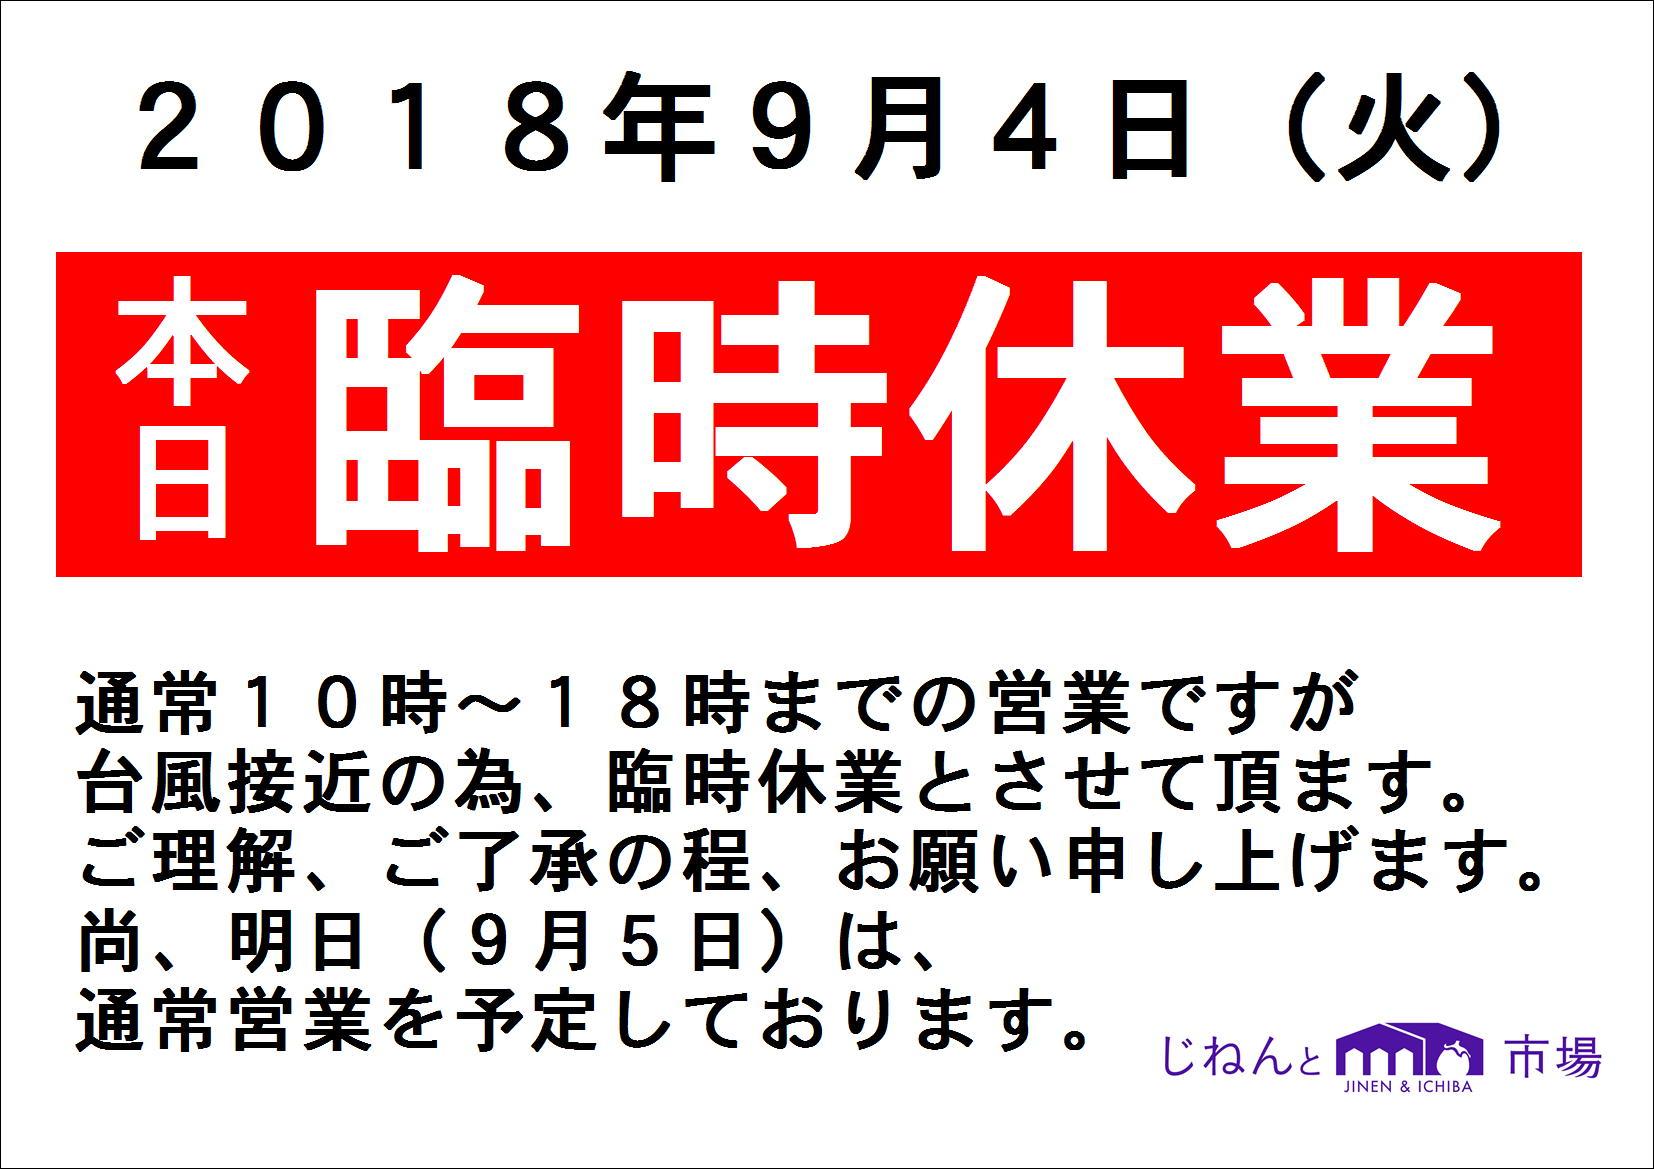 9月4日(火)は臨時休業いたします